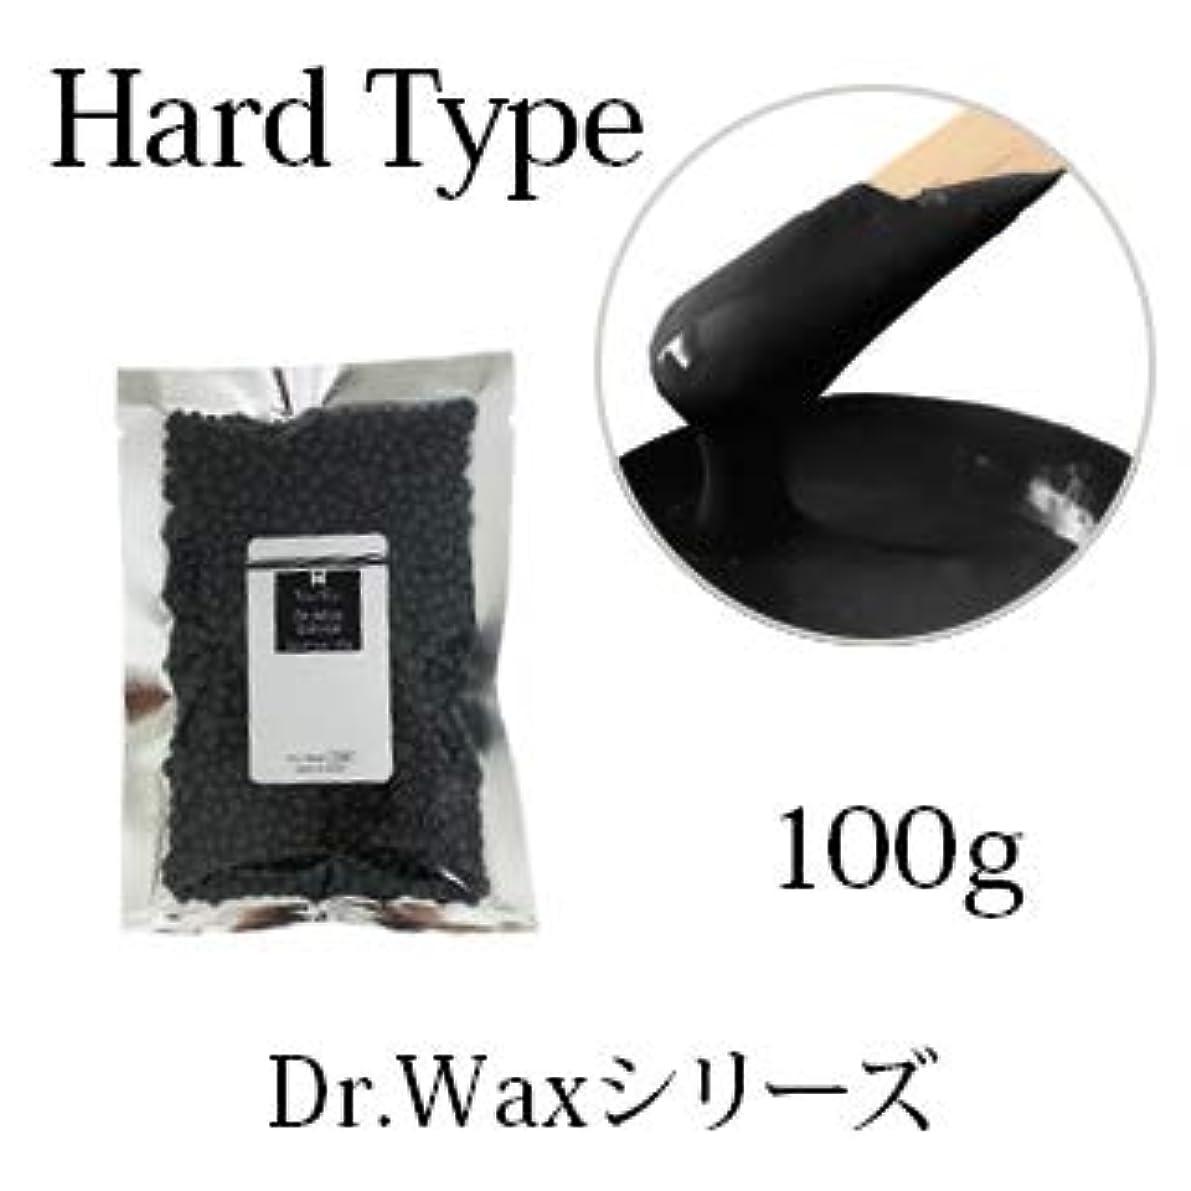 懐疑論クレデンシャル南西【Dr.waxシリーズ】ワックス脱毛 粒タイプ 紙を使用しない ハードワックス (キャビア 100g)